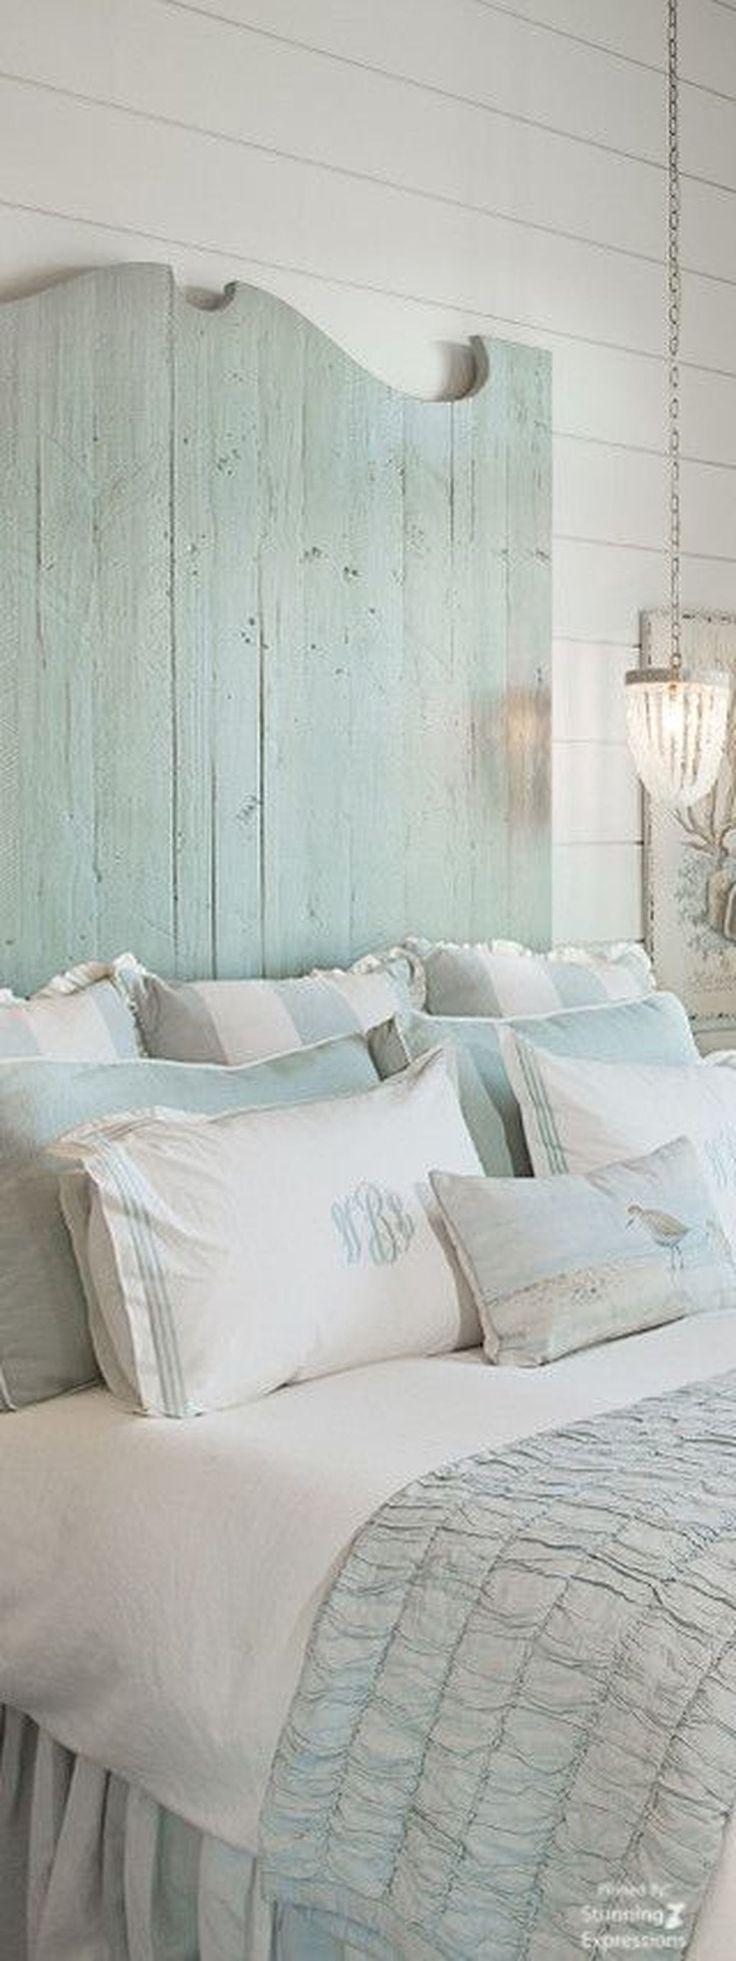 Best 25+ Bedroom floor lamps ideas on Pinterest | Standing lamps ...